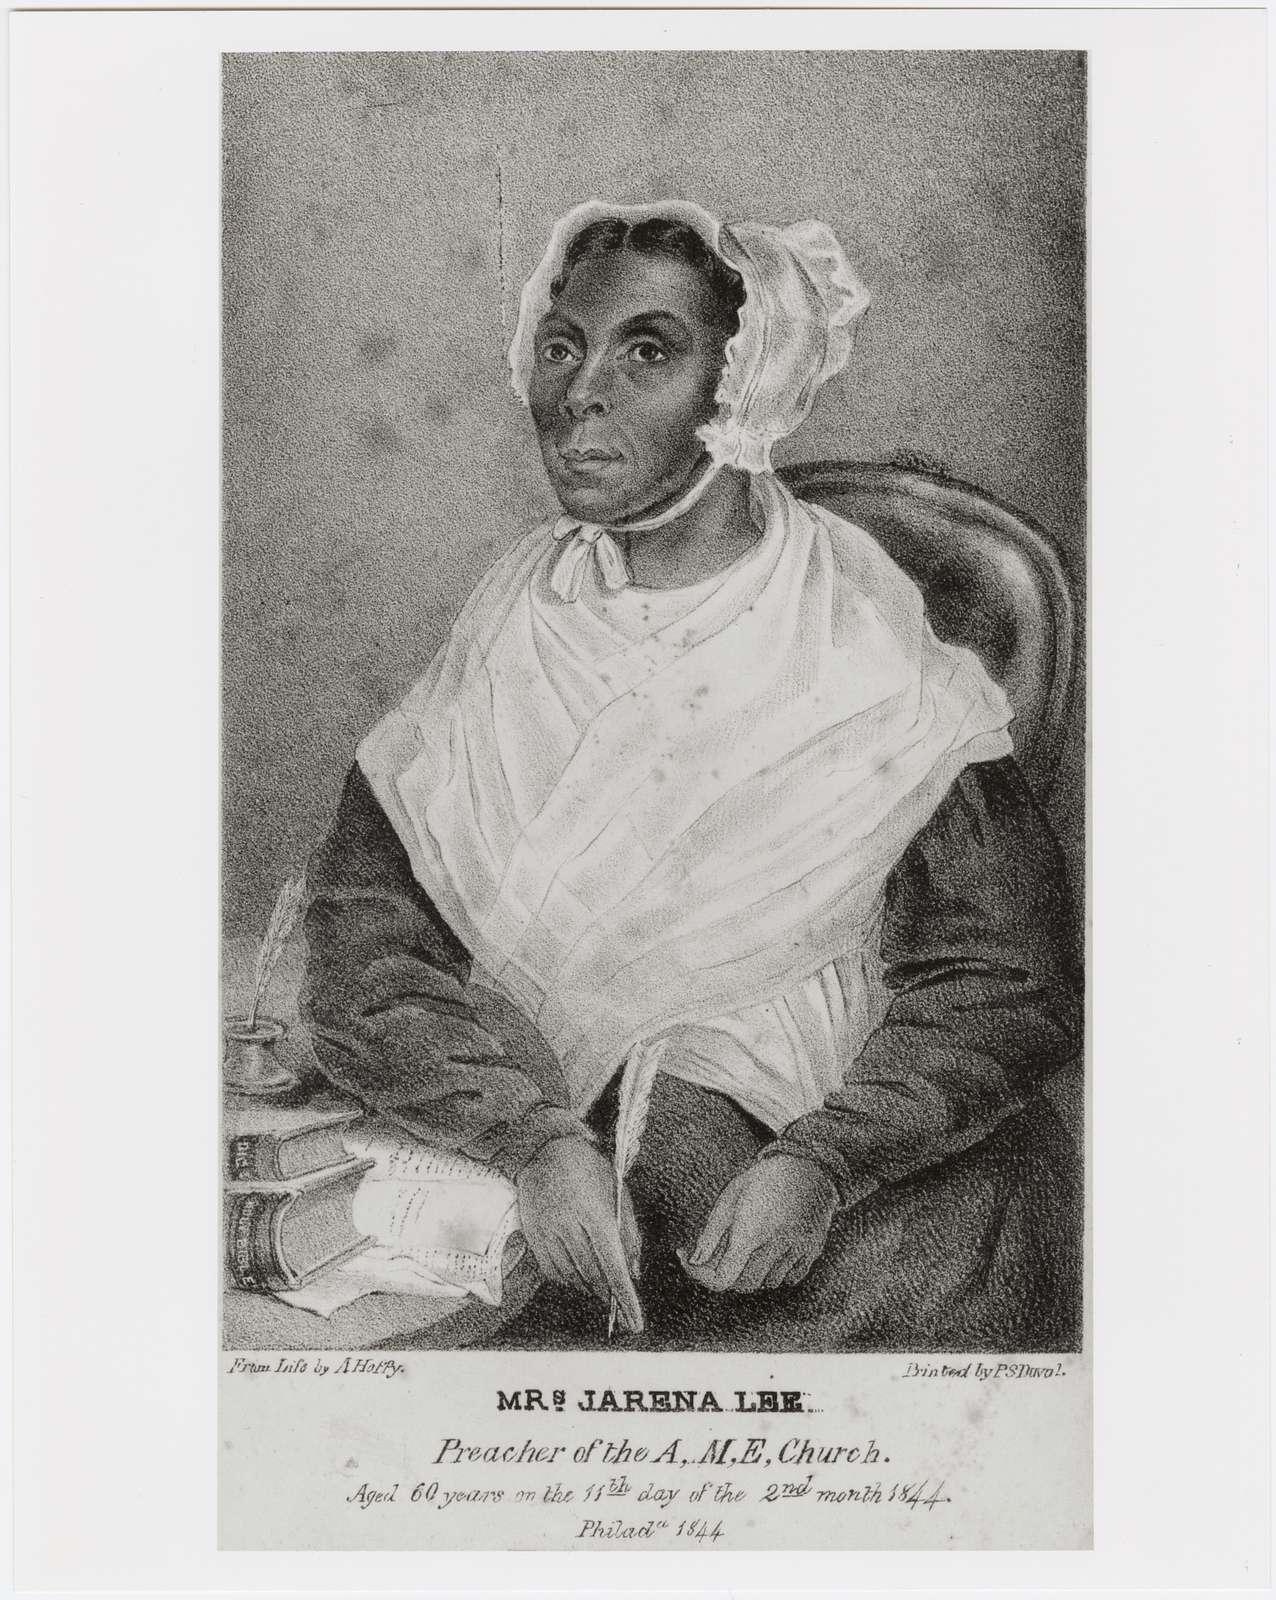 Mrs. Jarena Lee, African Methodist Episcopal Church evangelist.